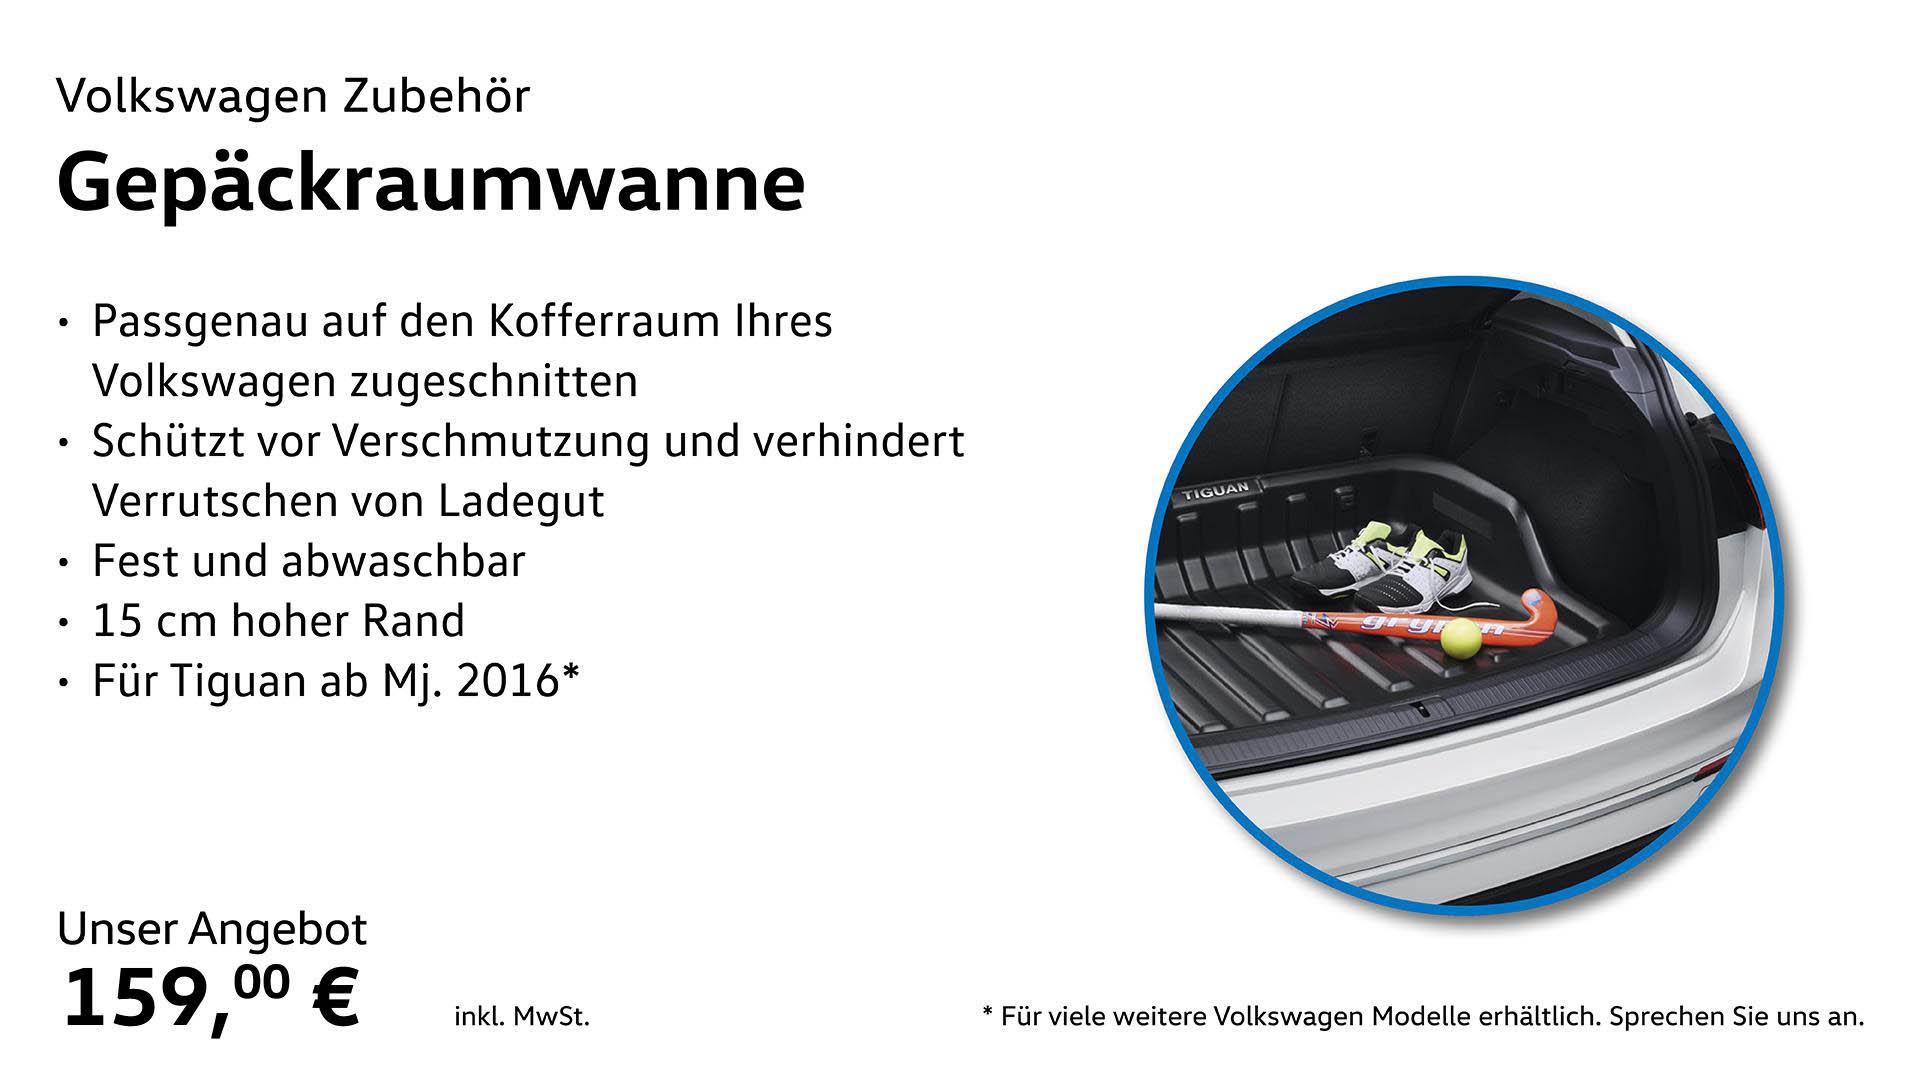 kofferraumausstattung von volkswagen autohaus mura gmbh. Black Bedroom Furniture Sets. Home Design Ideas